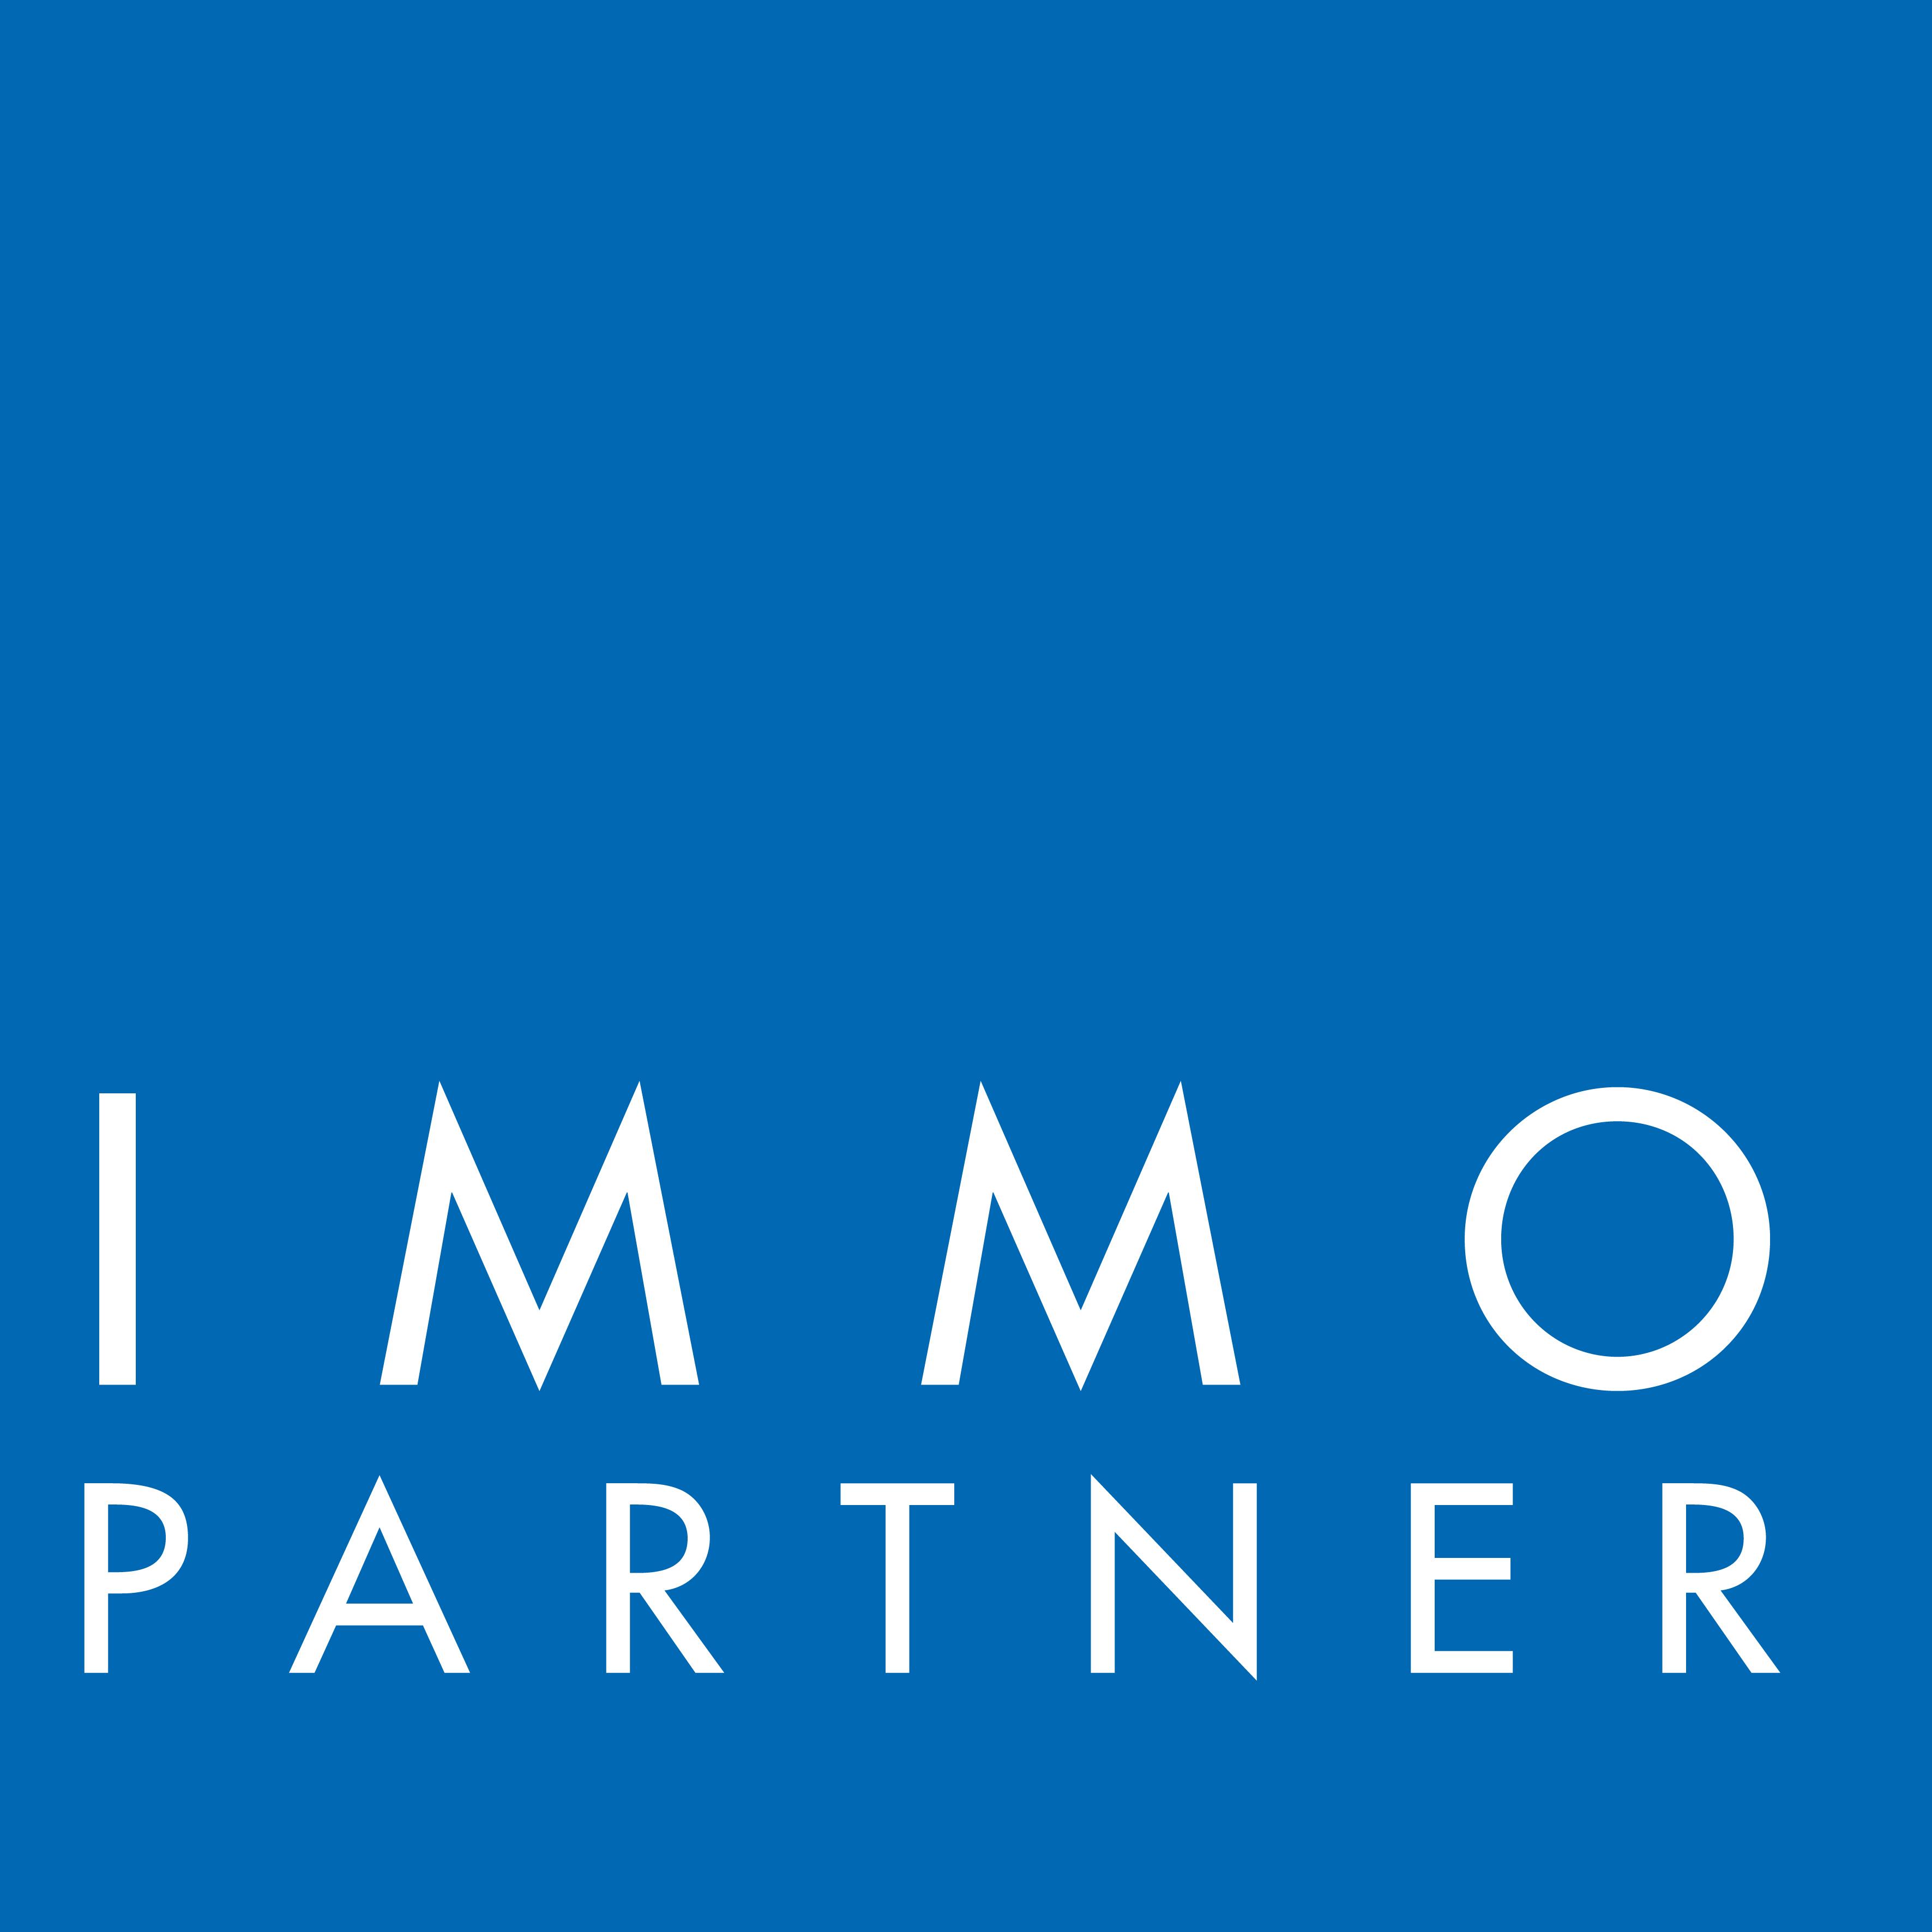 Hier sehen Sie das Logo von IMMOPARTNER Stefan Sagraloff e. K.